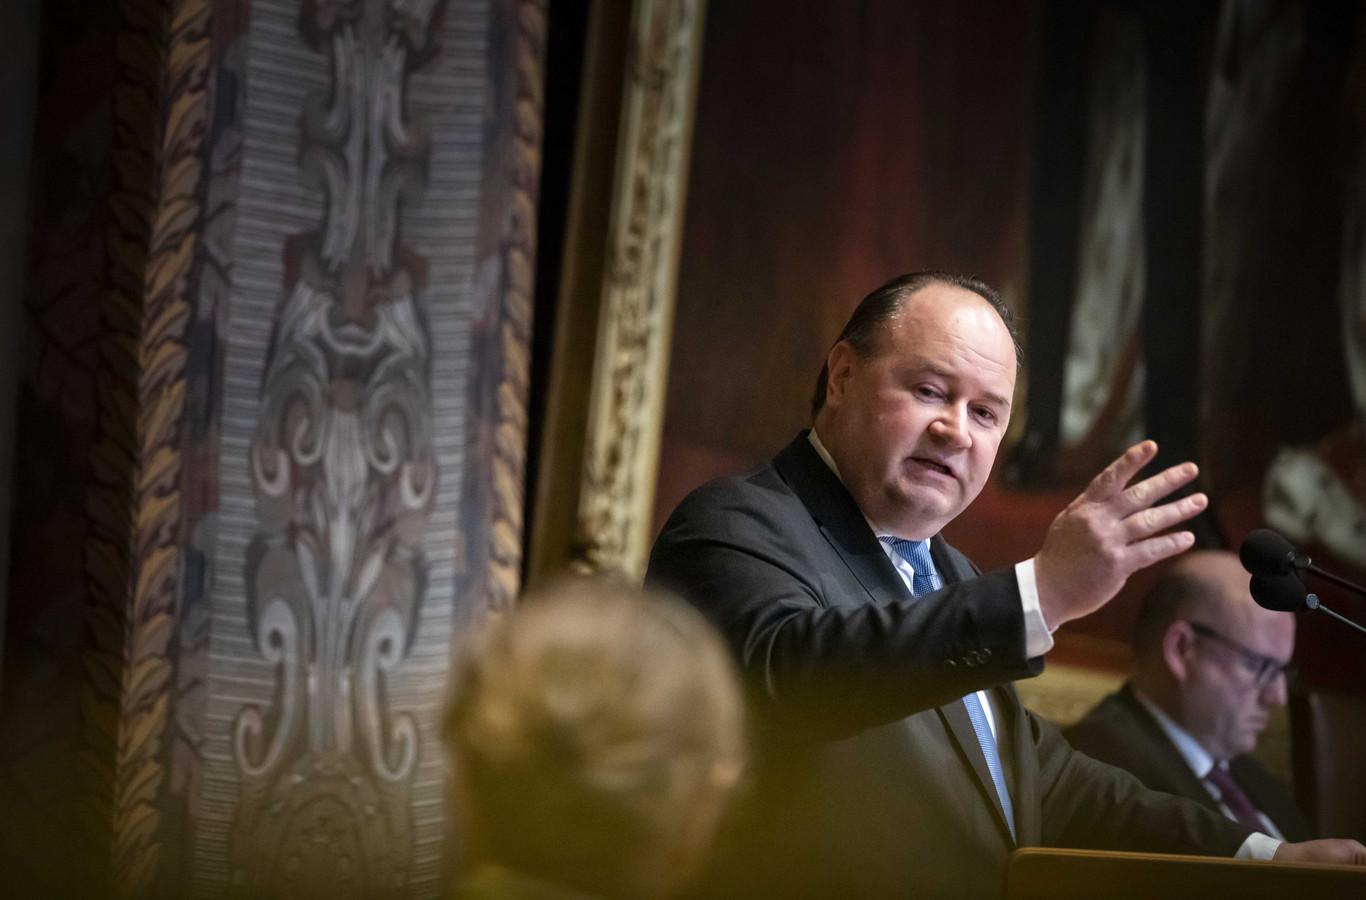 Archiefbeeld december 2019: Henk Otten tijdens het debat in de Eerste Kamer over de spoedwet met stikstofmaatregelen